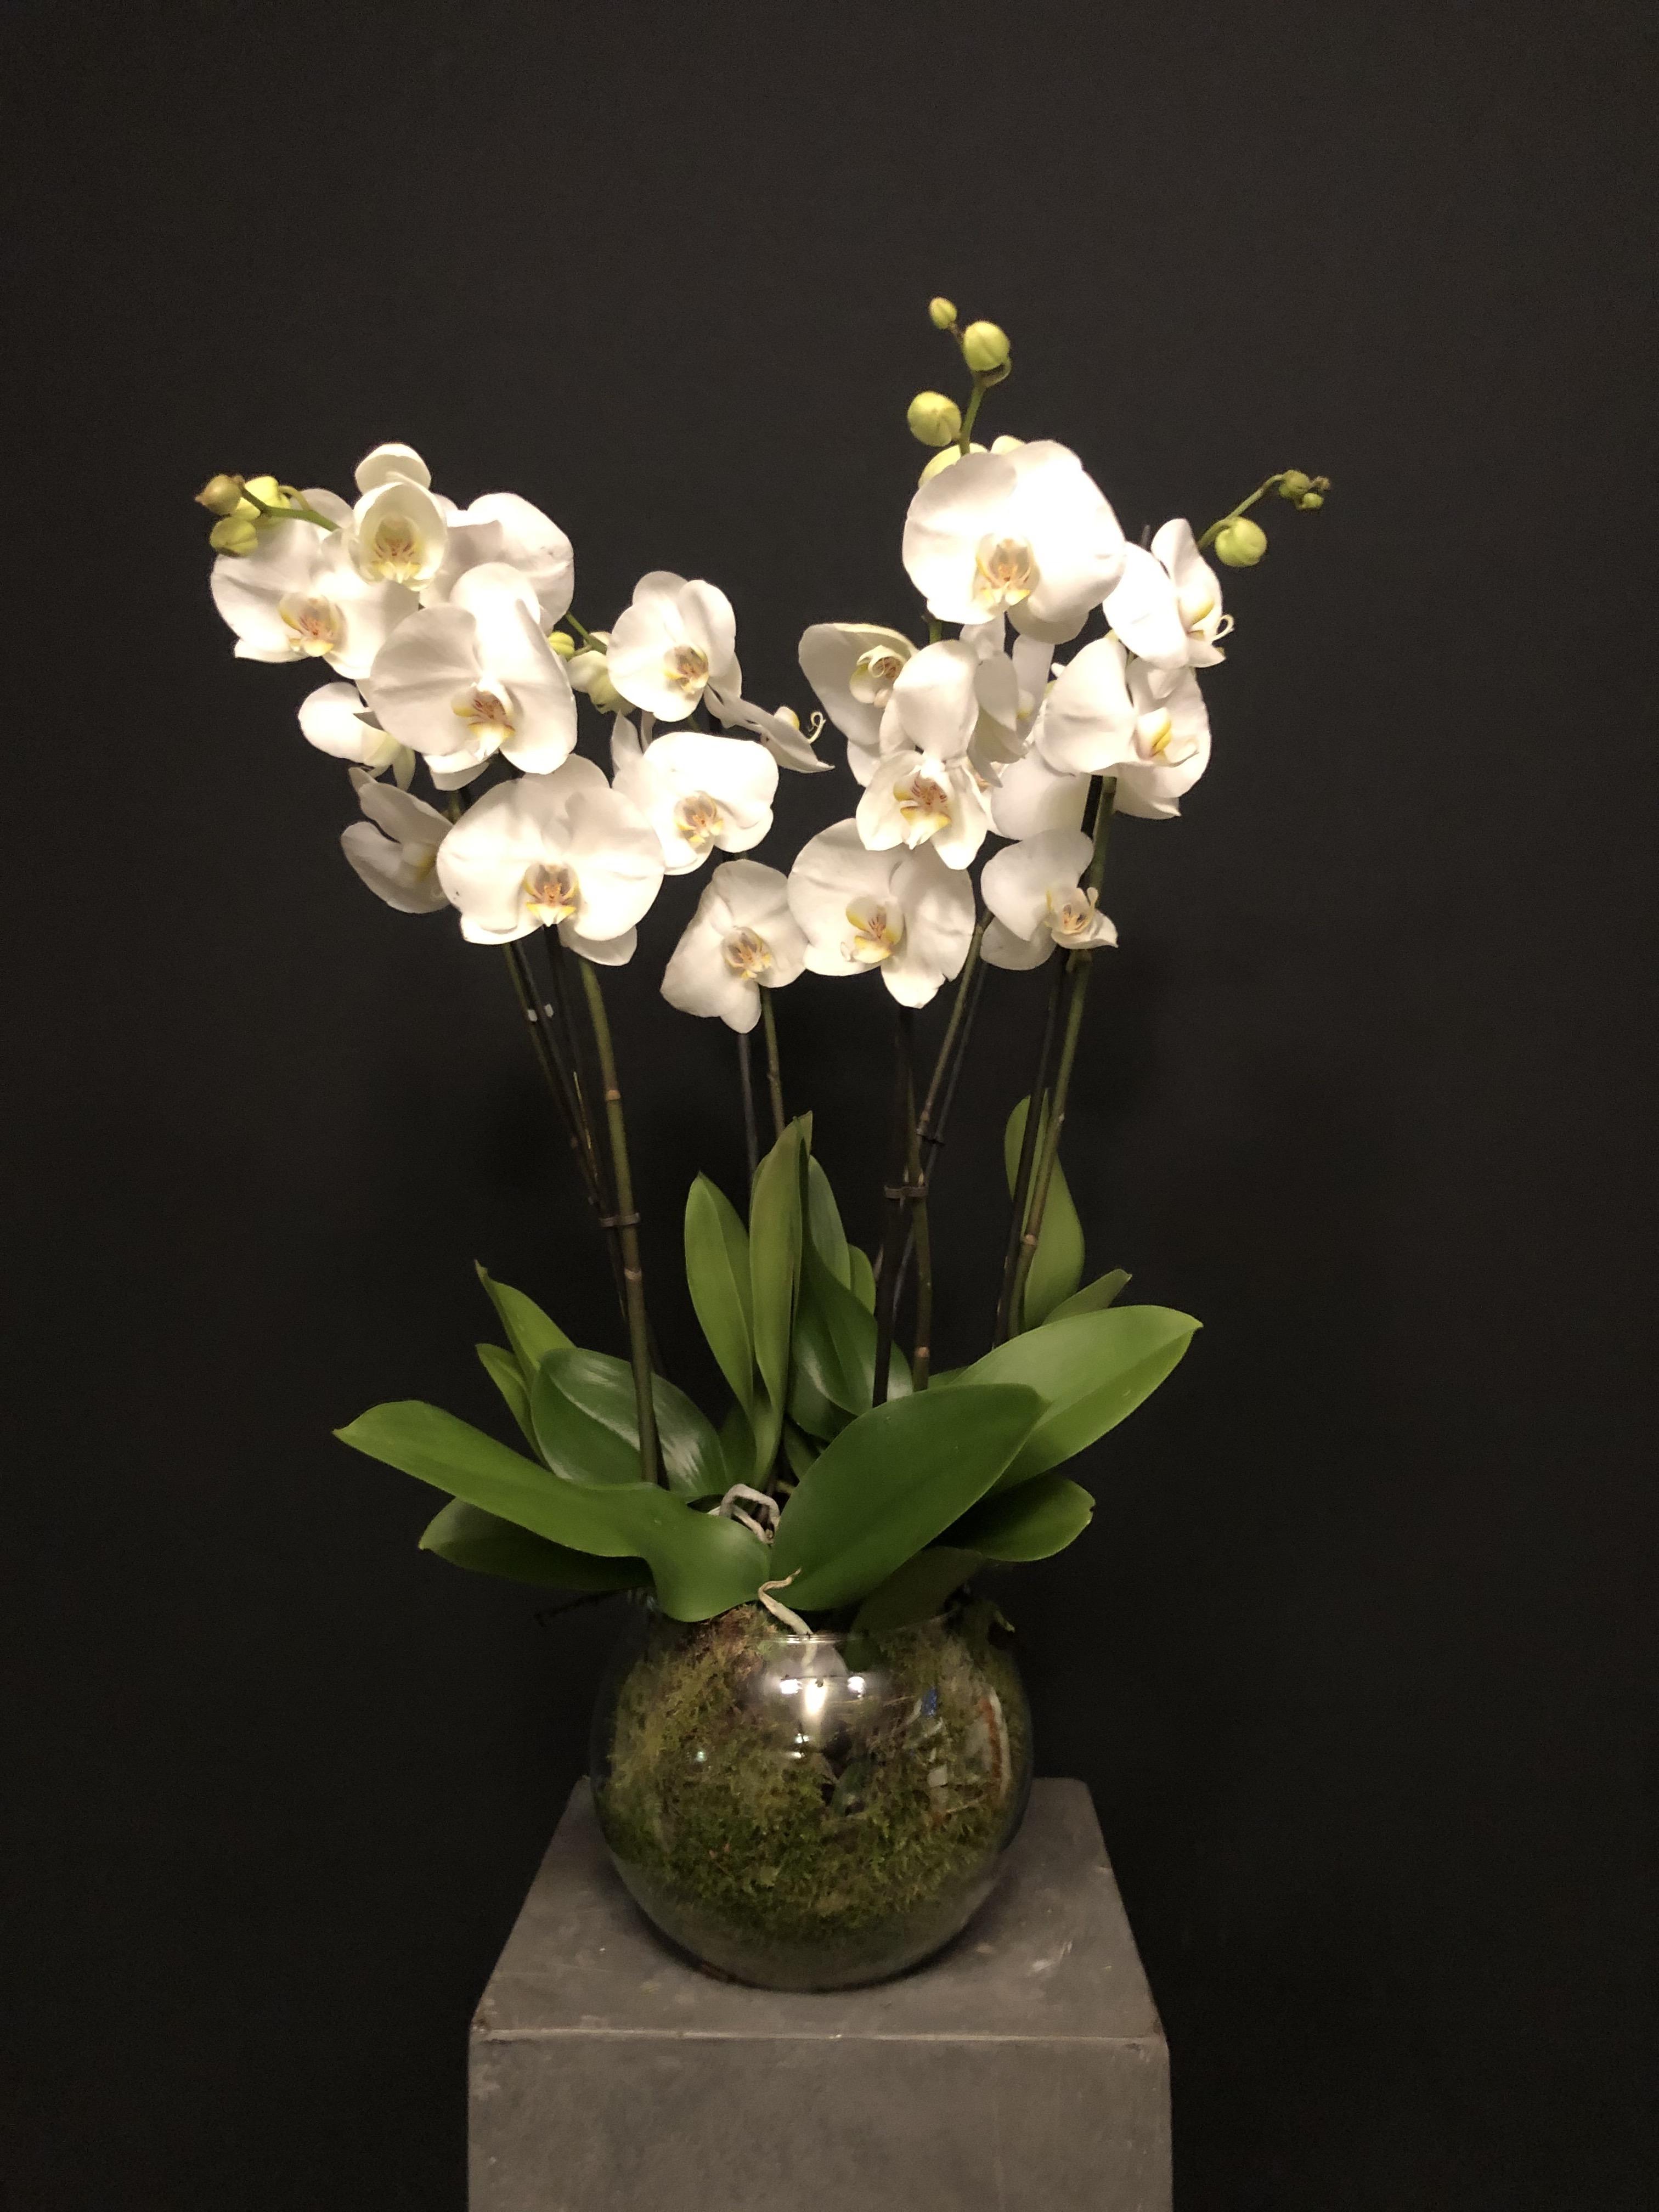 Orquídea 6 tallos en jarrón de cristal